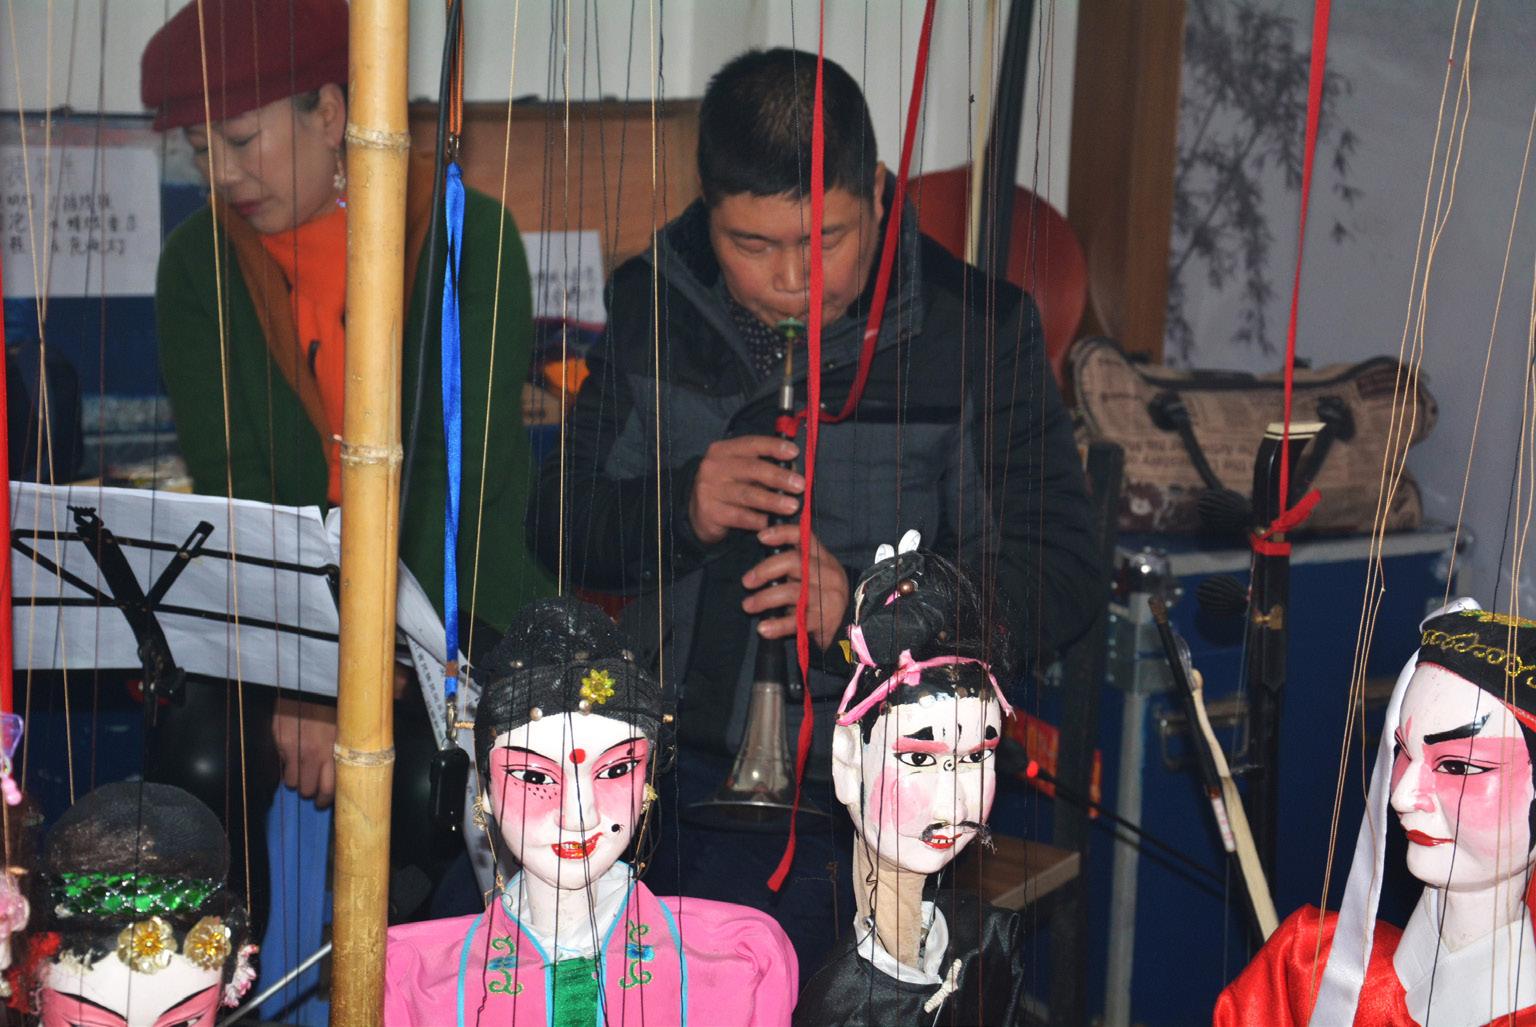 FIGURA 12. Suonatore di oboe suona durante lo spettacolo di marionette a Fu'ao (foto: F. Serratore).